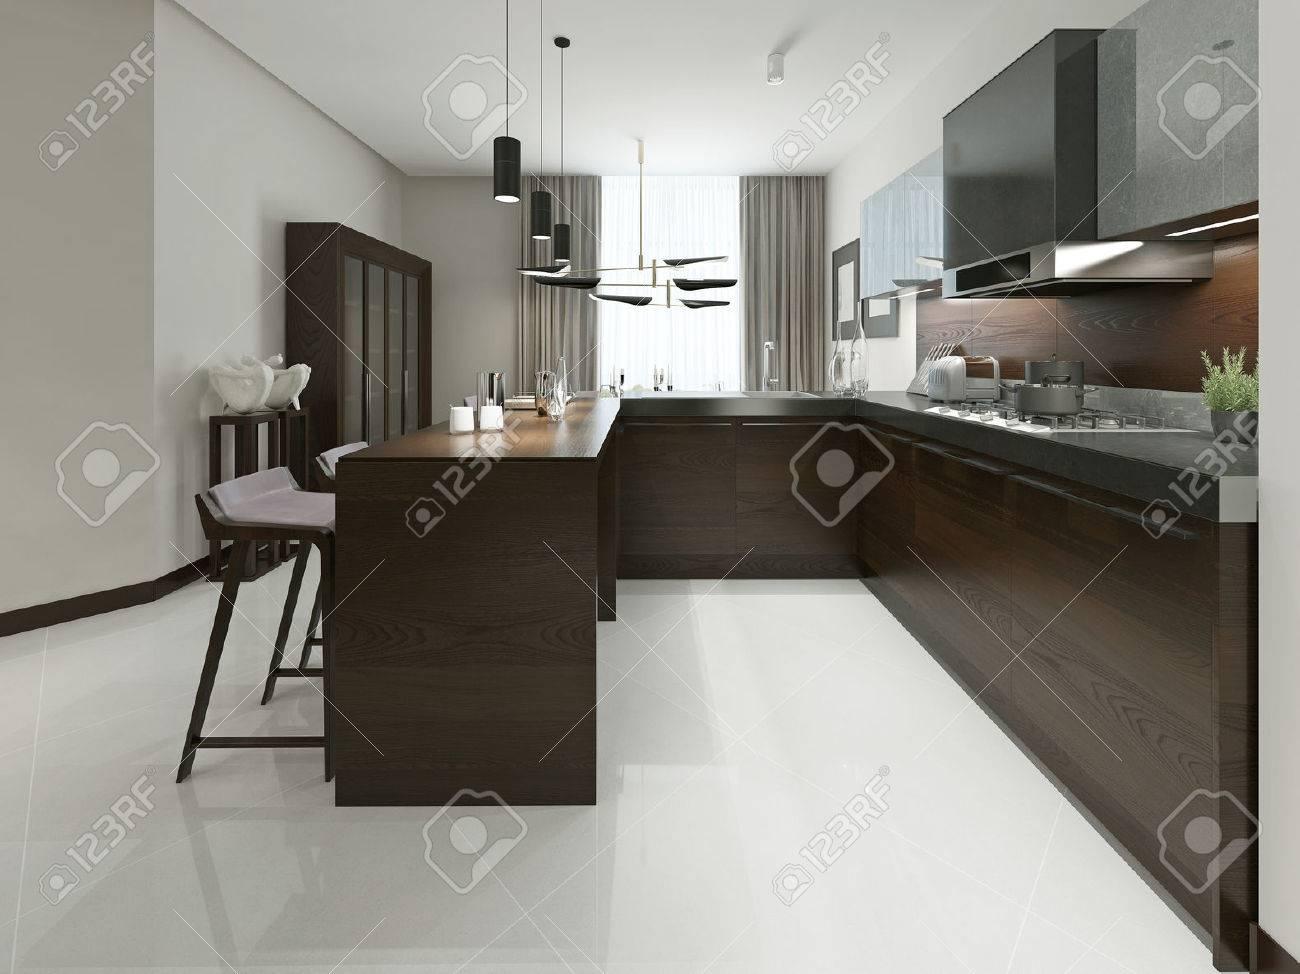 Innenraum Der Modernen Kuche Mit Bar Und Barhockern Kuchenmobel